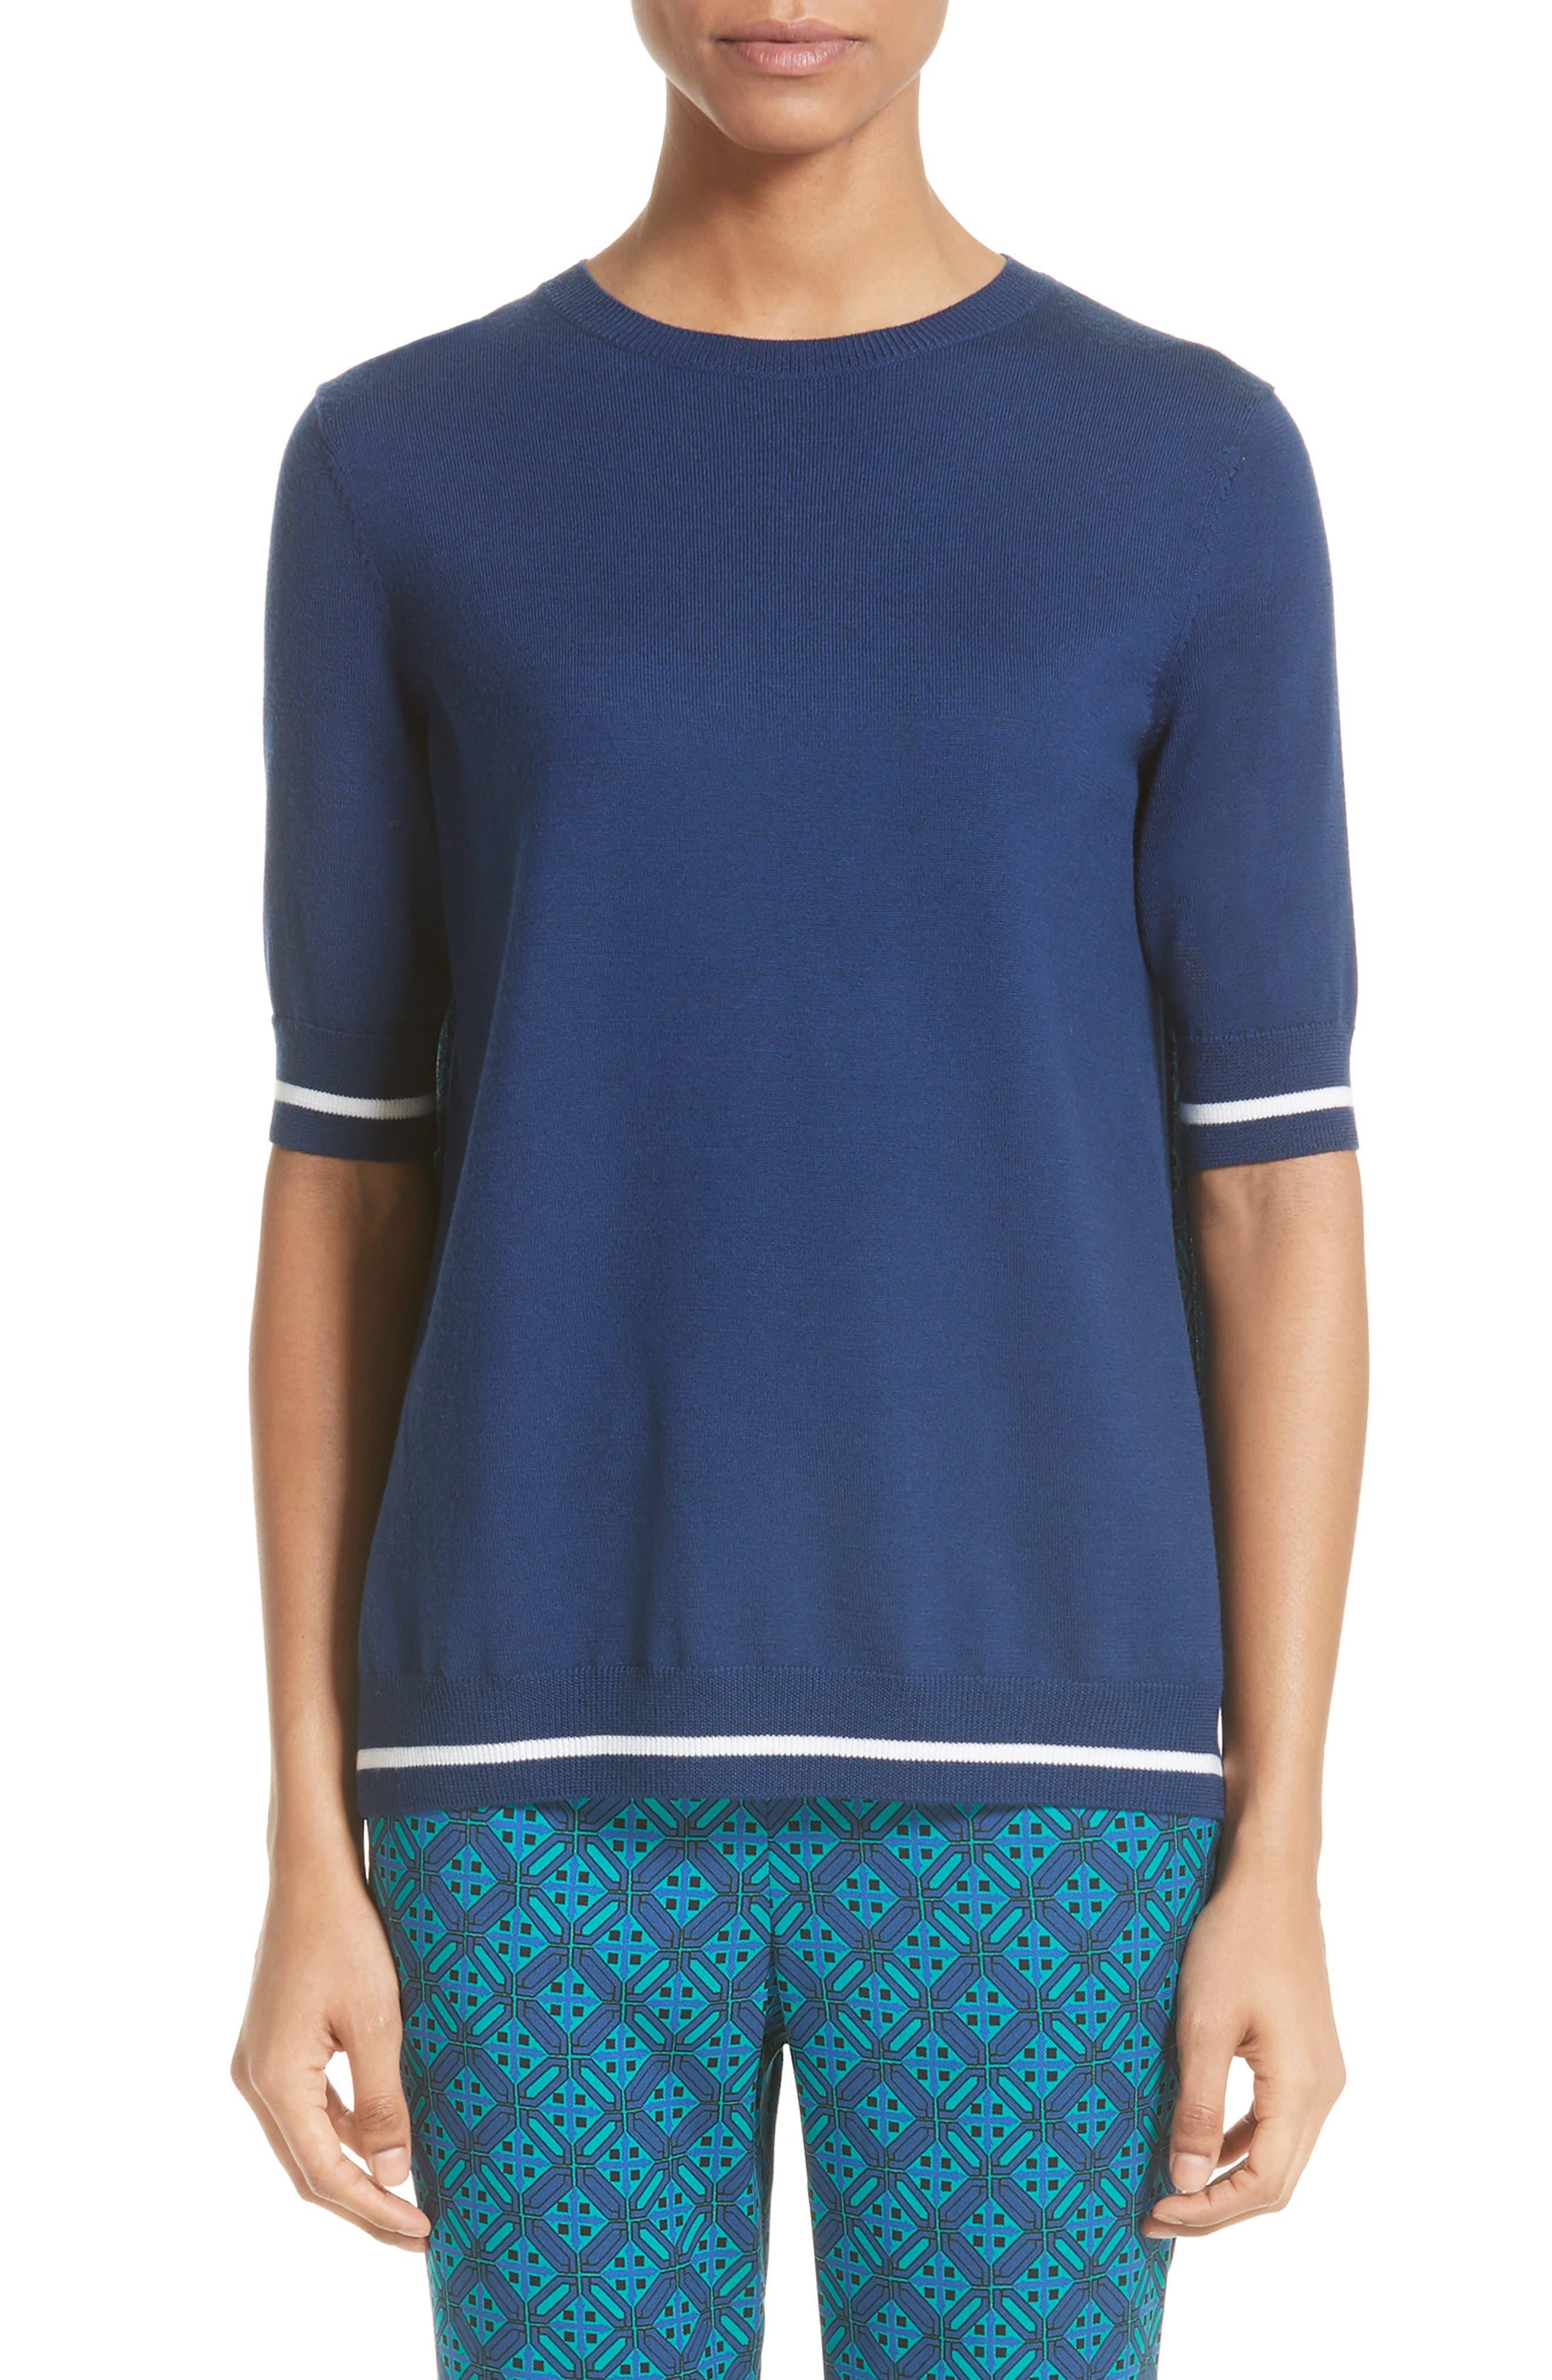 Main Image - St. John Collection Sarita Tile Print Jersey Knit Sweater